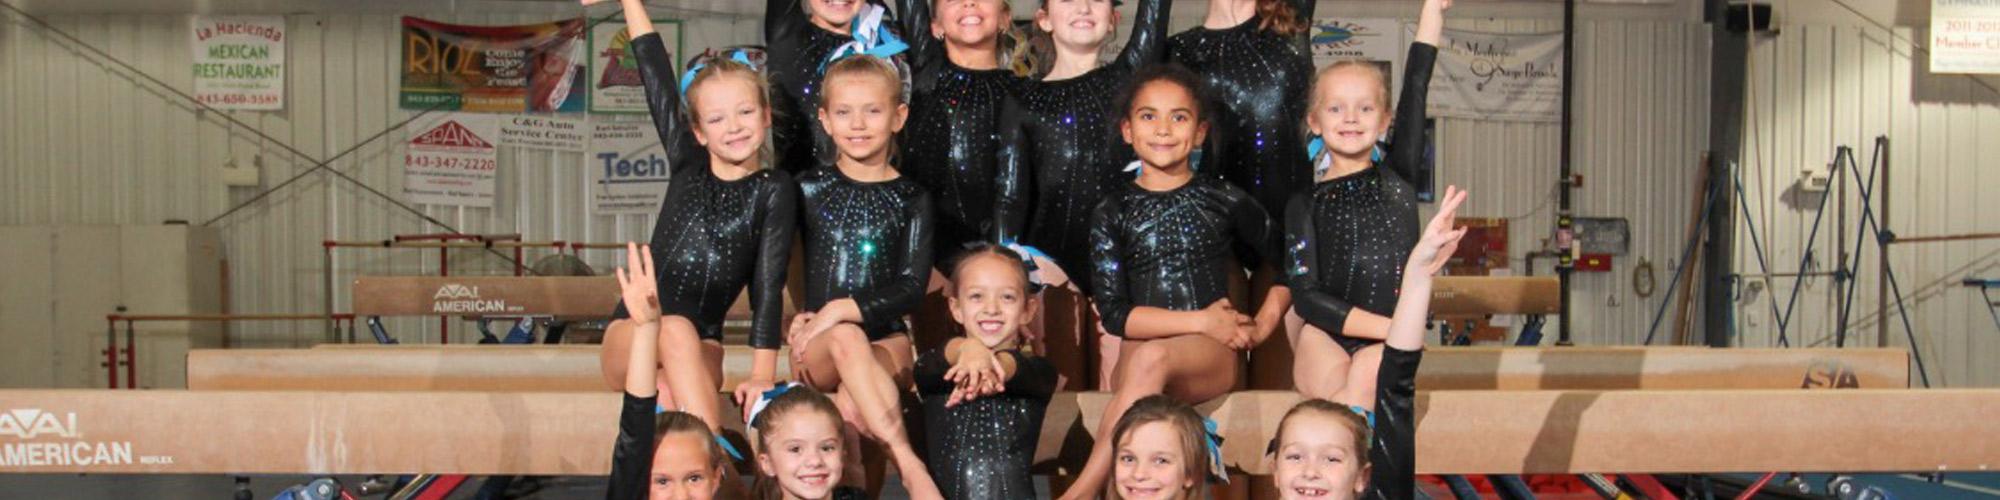 Contact Gymnastics Inc